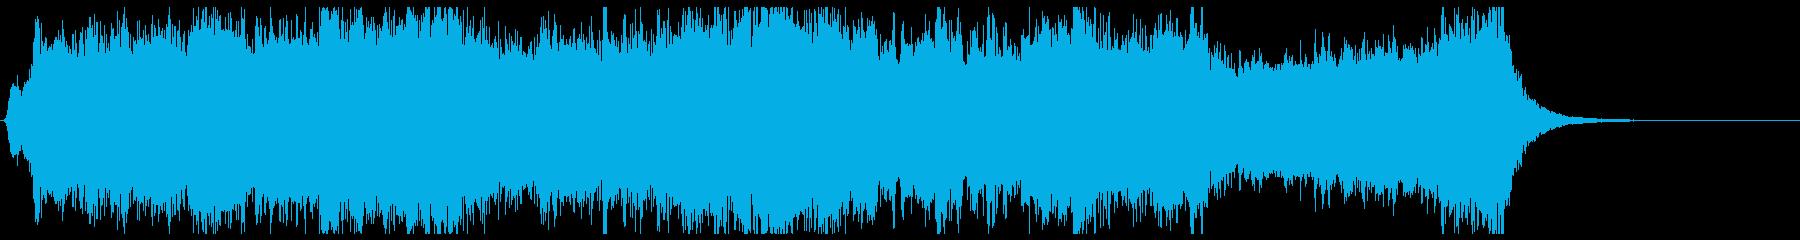 戦隊ヒーロー参上のオーケストラジングルの再生済みの波形